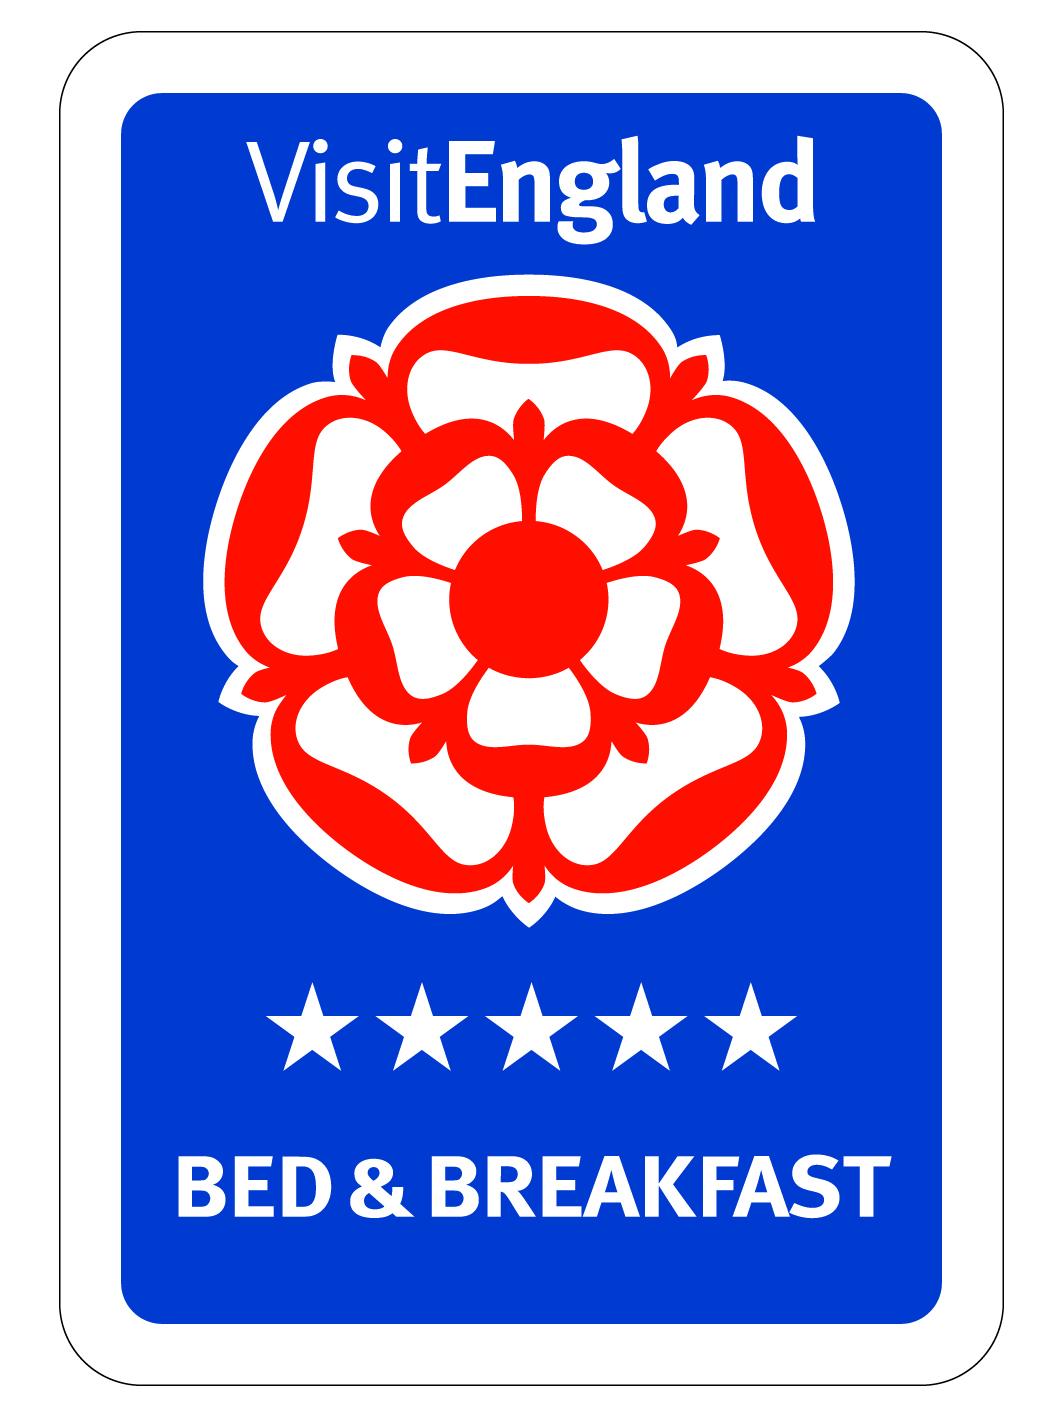 5st Bed & Breakfast.jpg